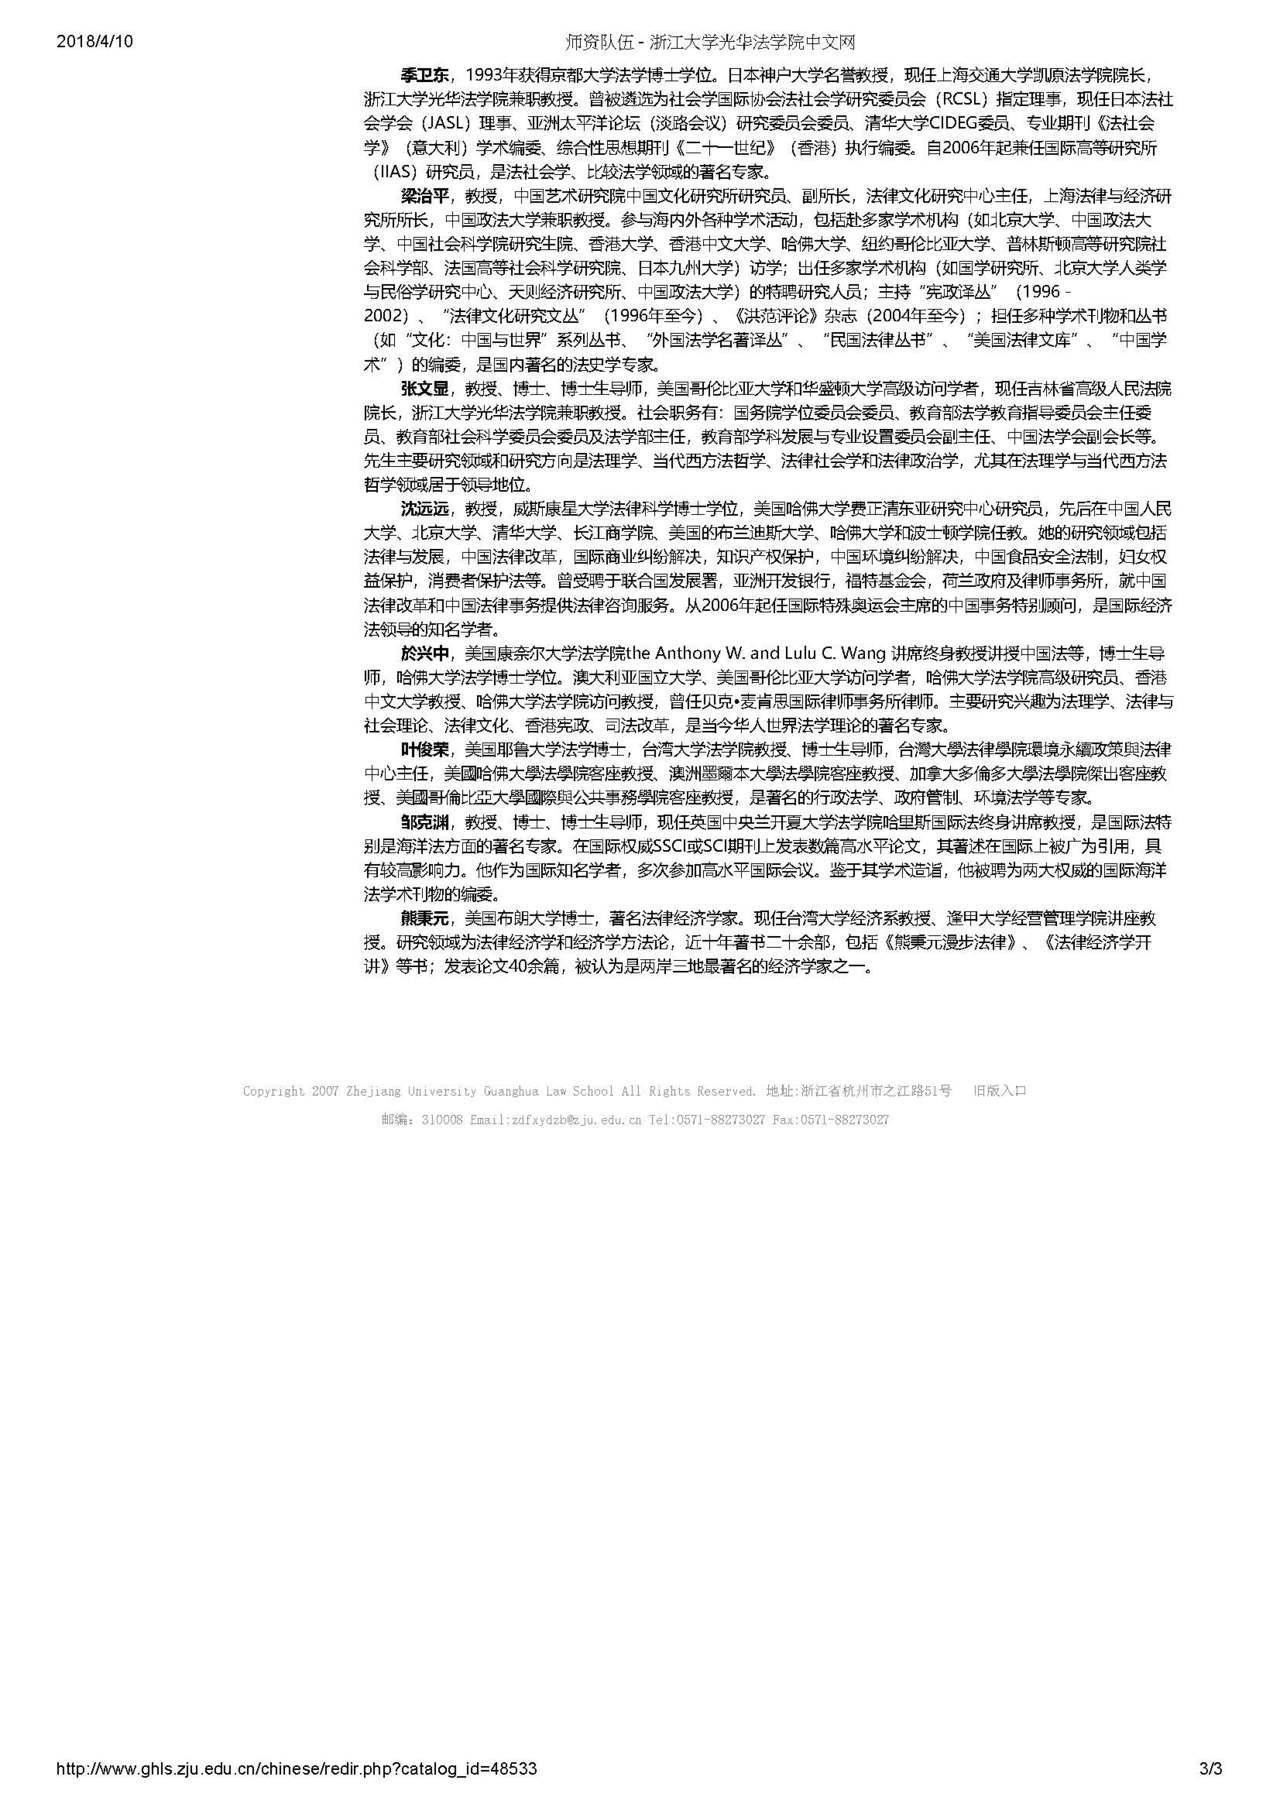 依浙江大學網頁標示內政部長葉俊榮在該校擔任兼職教師。記者林良齊/翻攝